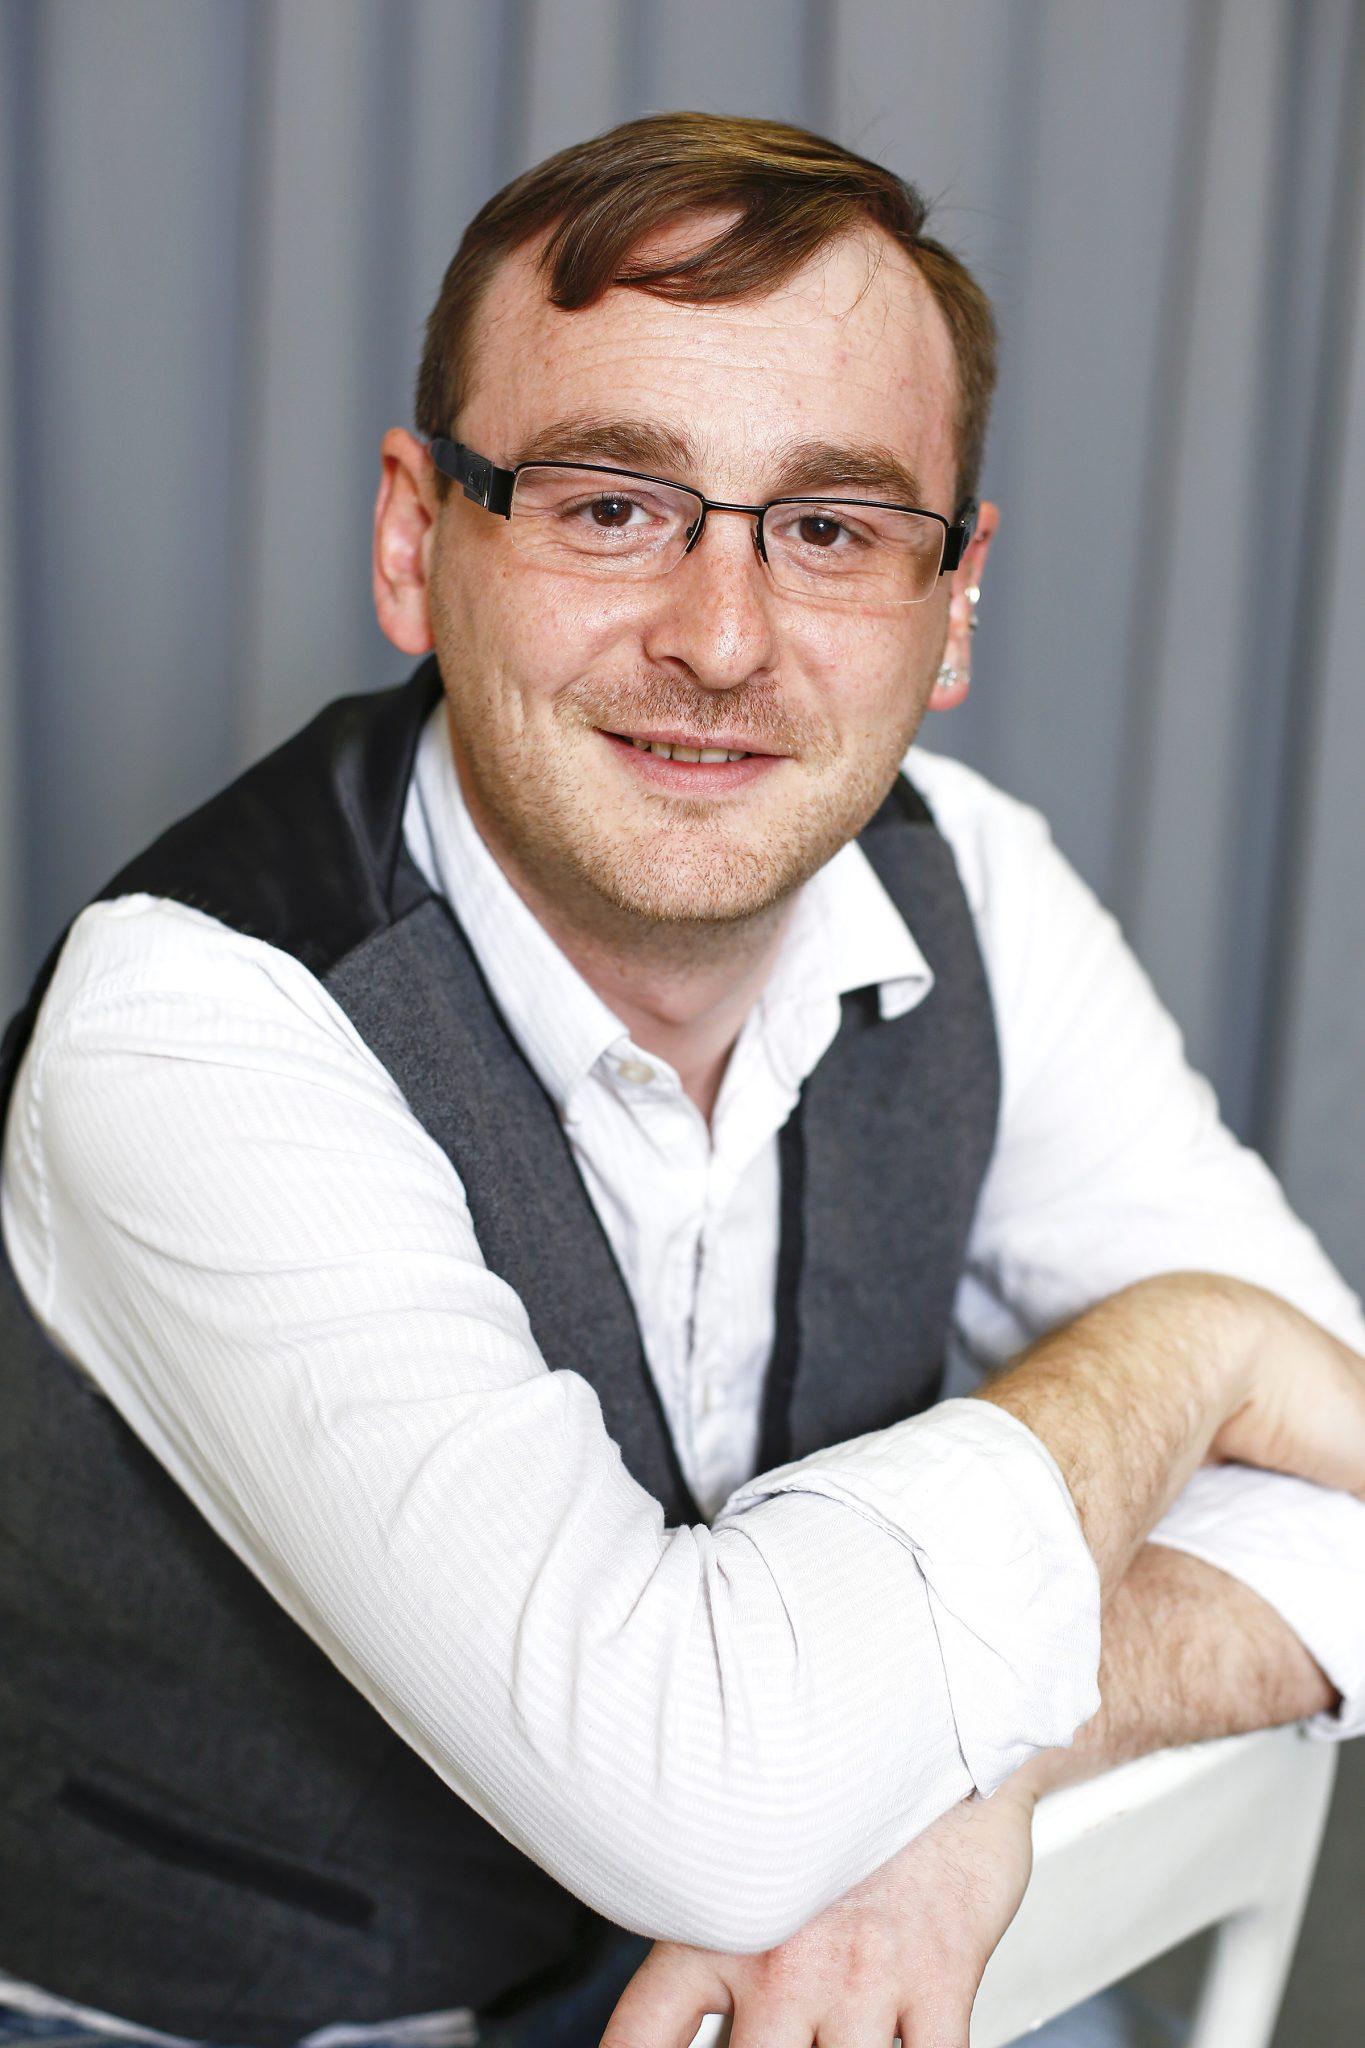 Ian Duguid